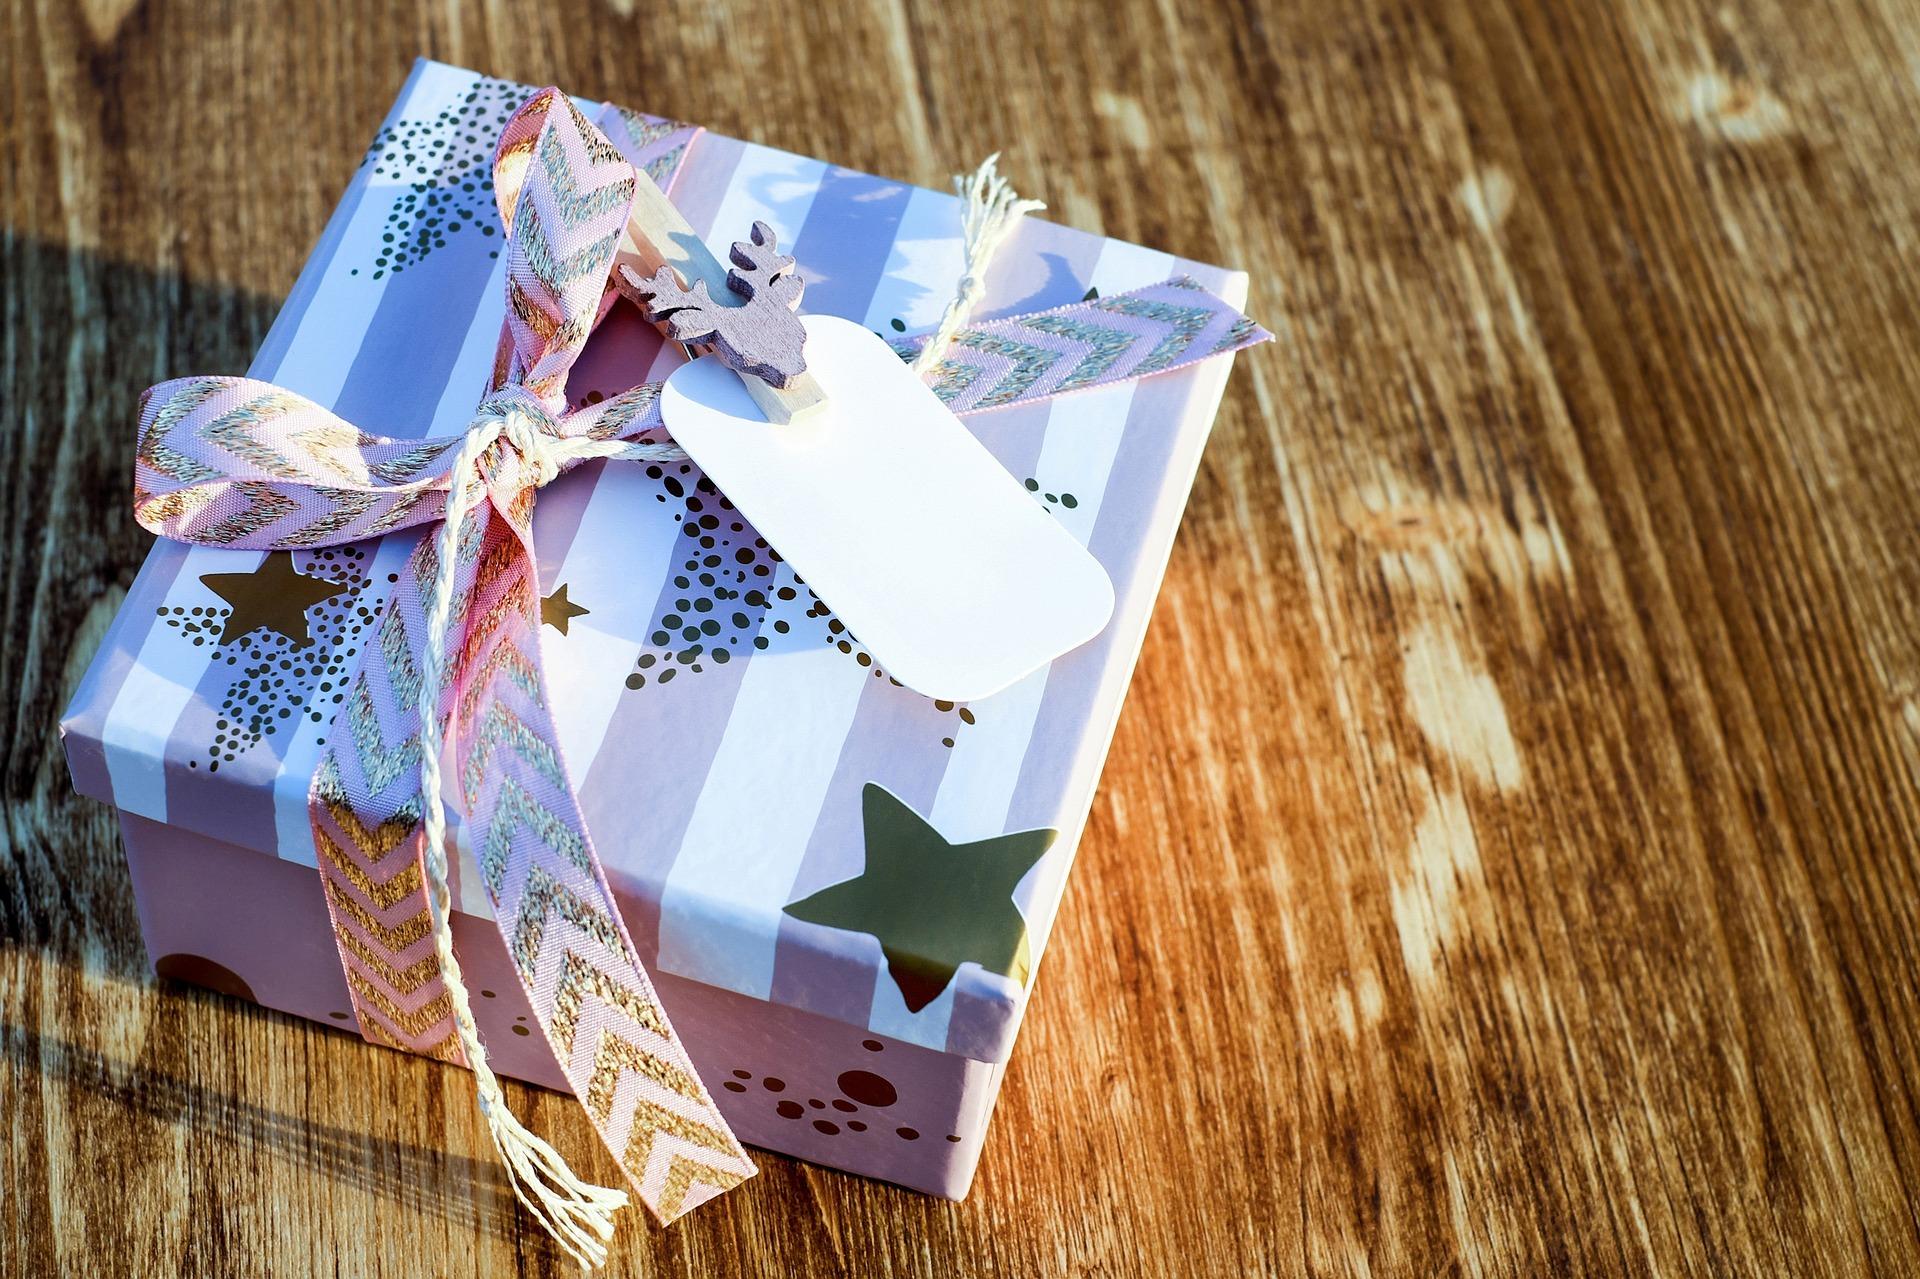 Fêtes de fin d'année : offrir un cadeau à vos travailleurs ?